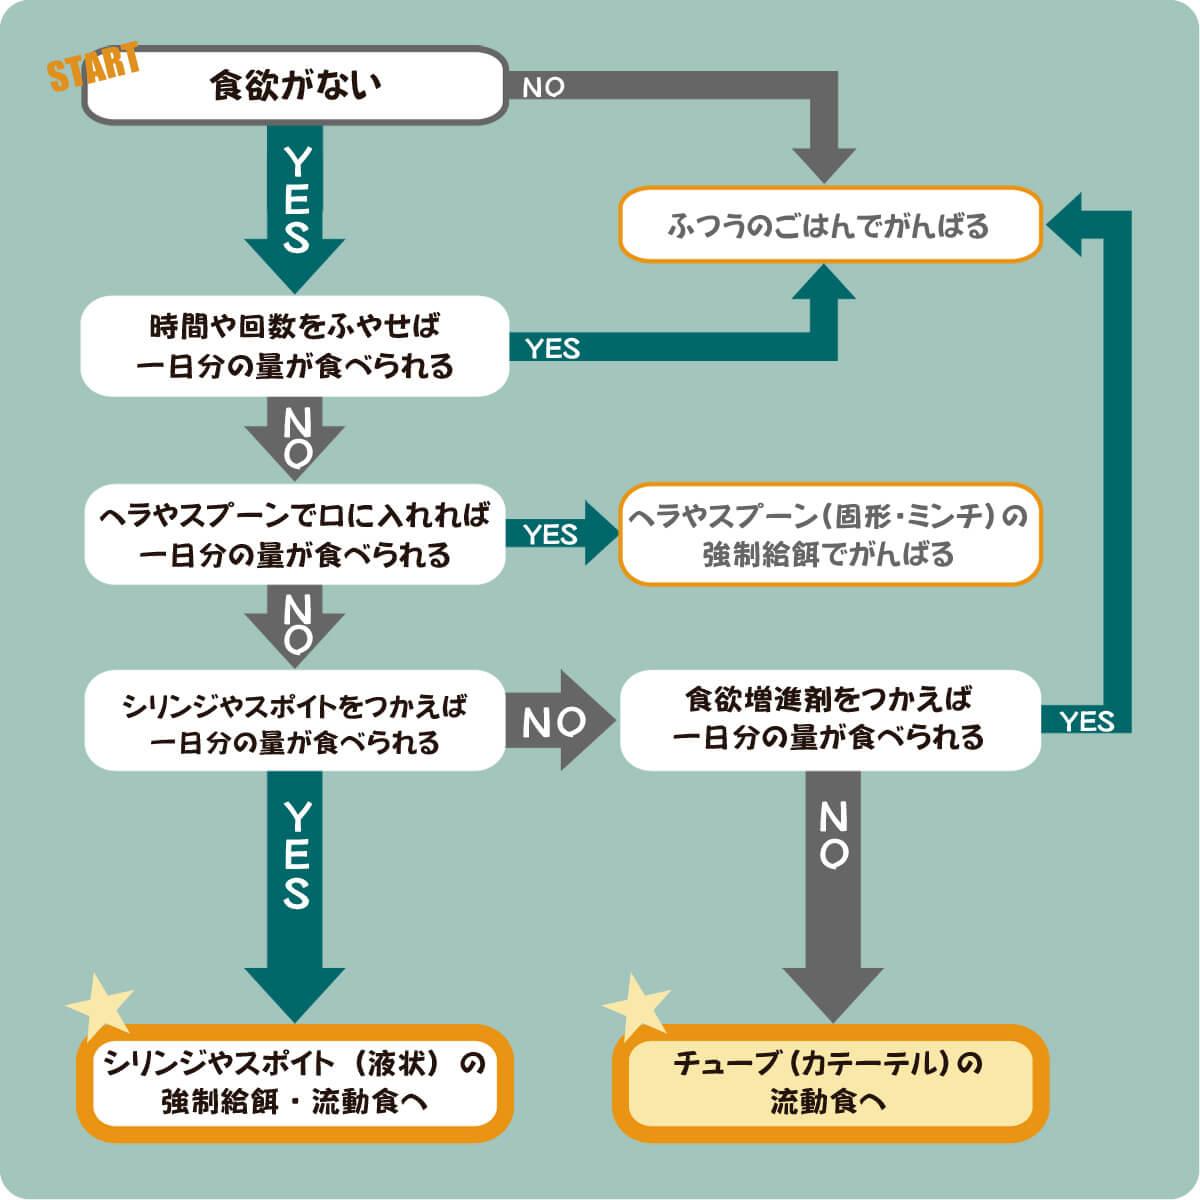 流動食YES-Noチャート